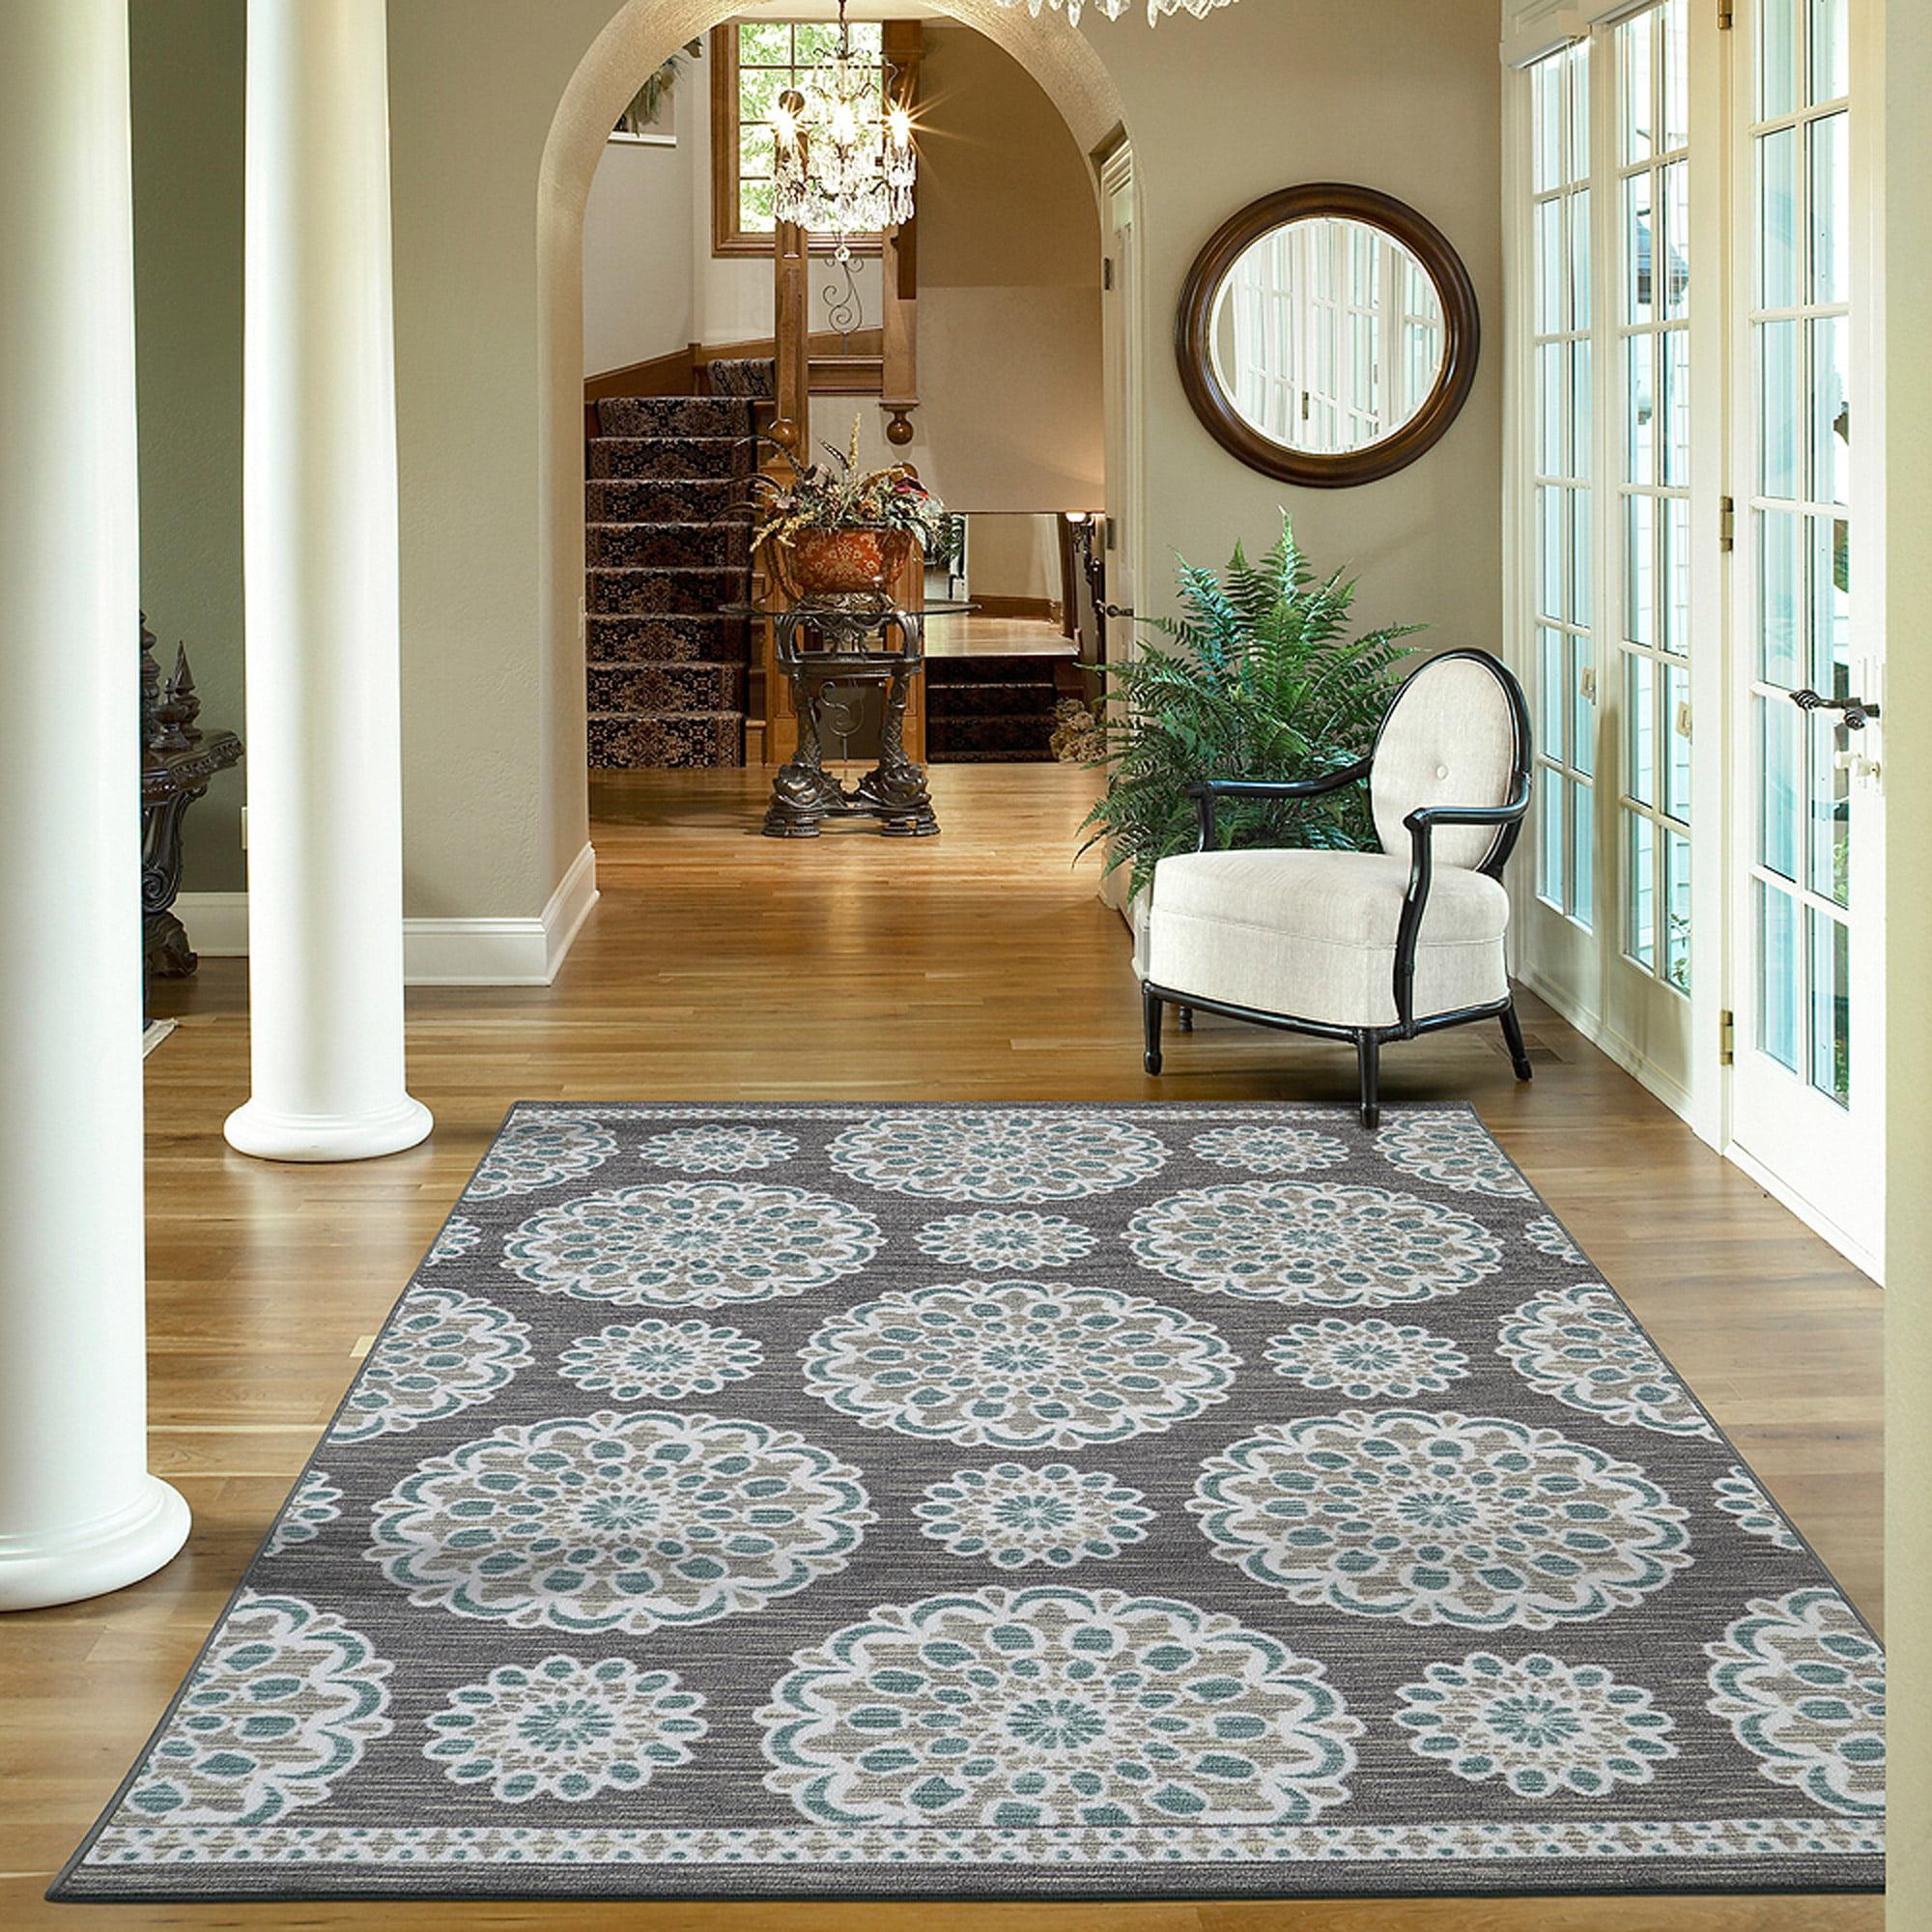 Foyer Rug Sets : Foyer rugs walmart com mohawk home midnight rosette nylon